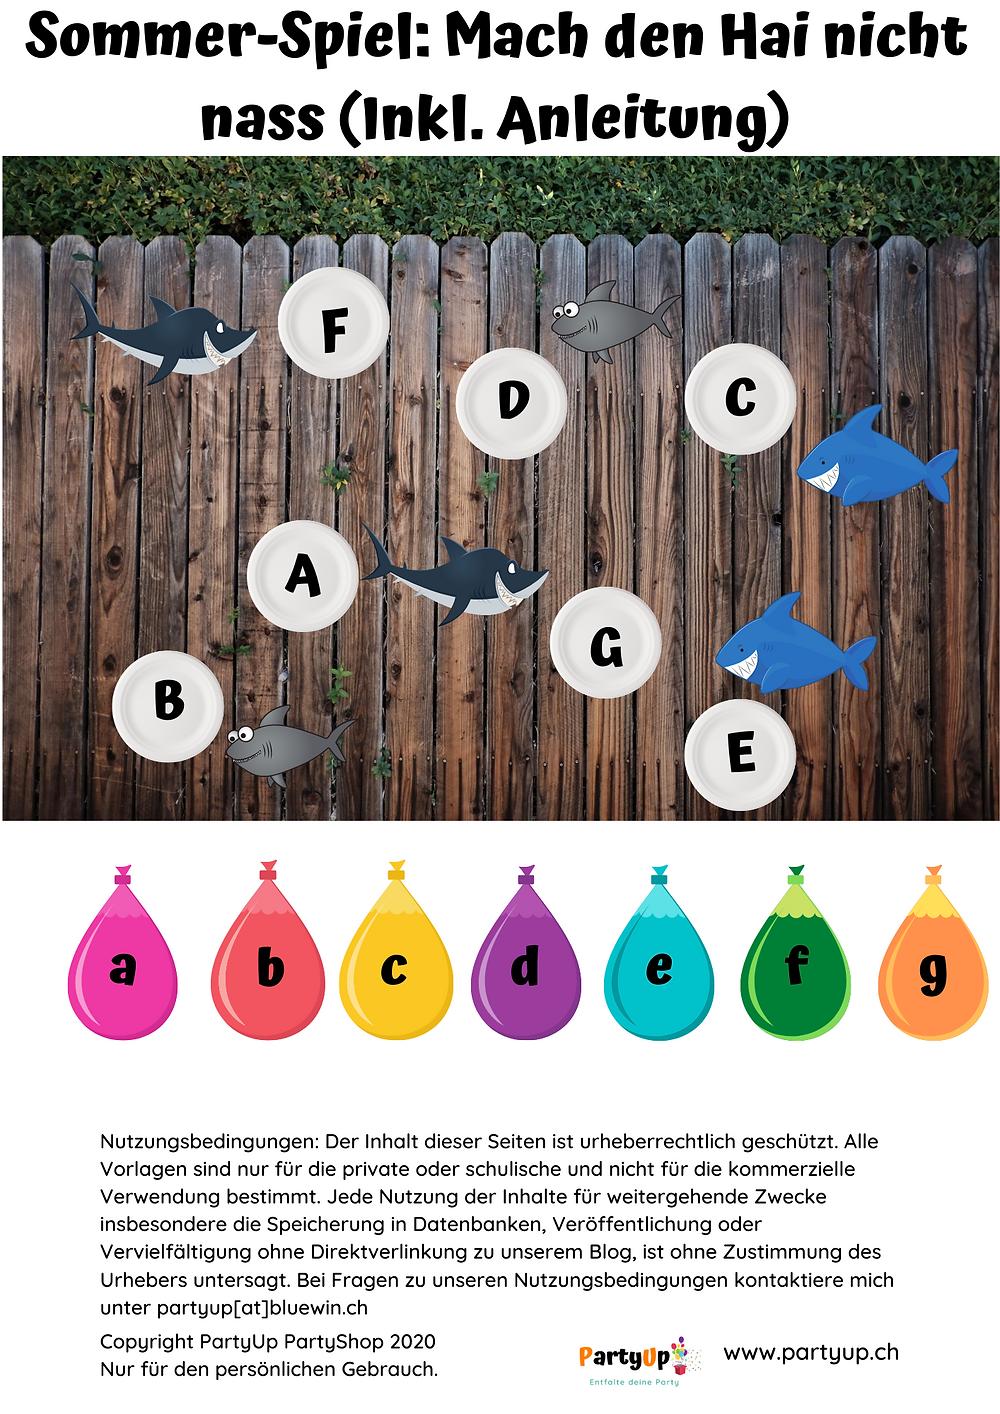 Sommerspiel für draussen (Garten) mit Wasserbomben (Mach den Hai nicht nass) auch als Spielidee zum Geburtstag draussen geeignet. Gratis Vorlage inkl. Anleitung zum herunterladen